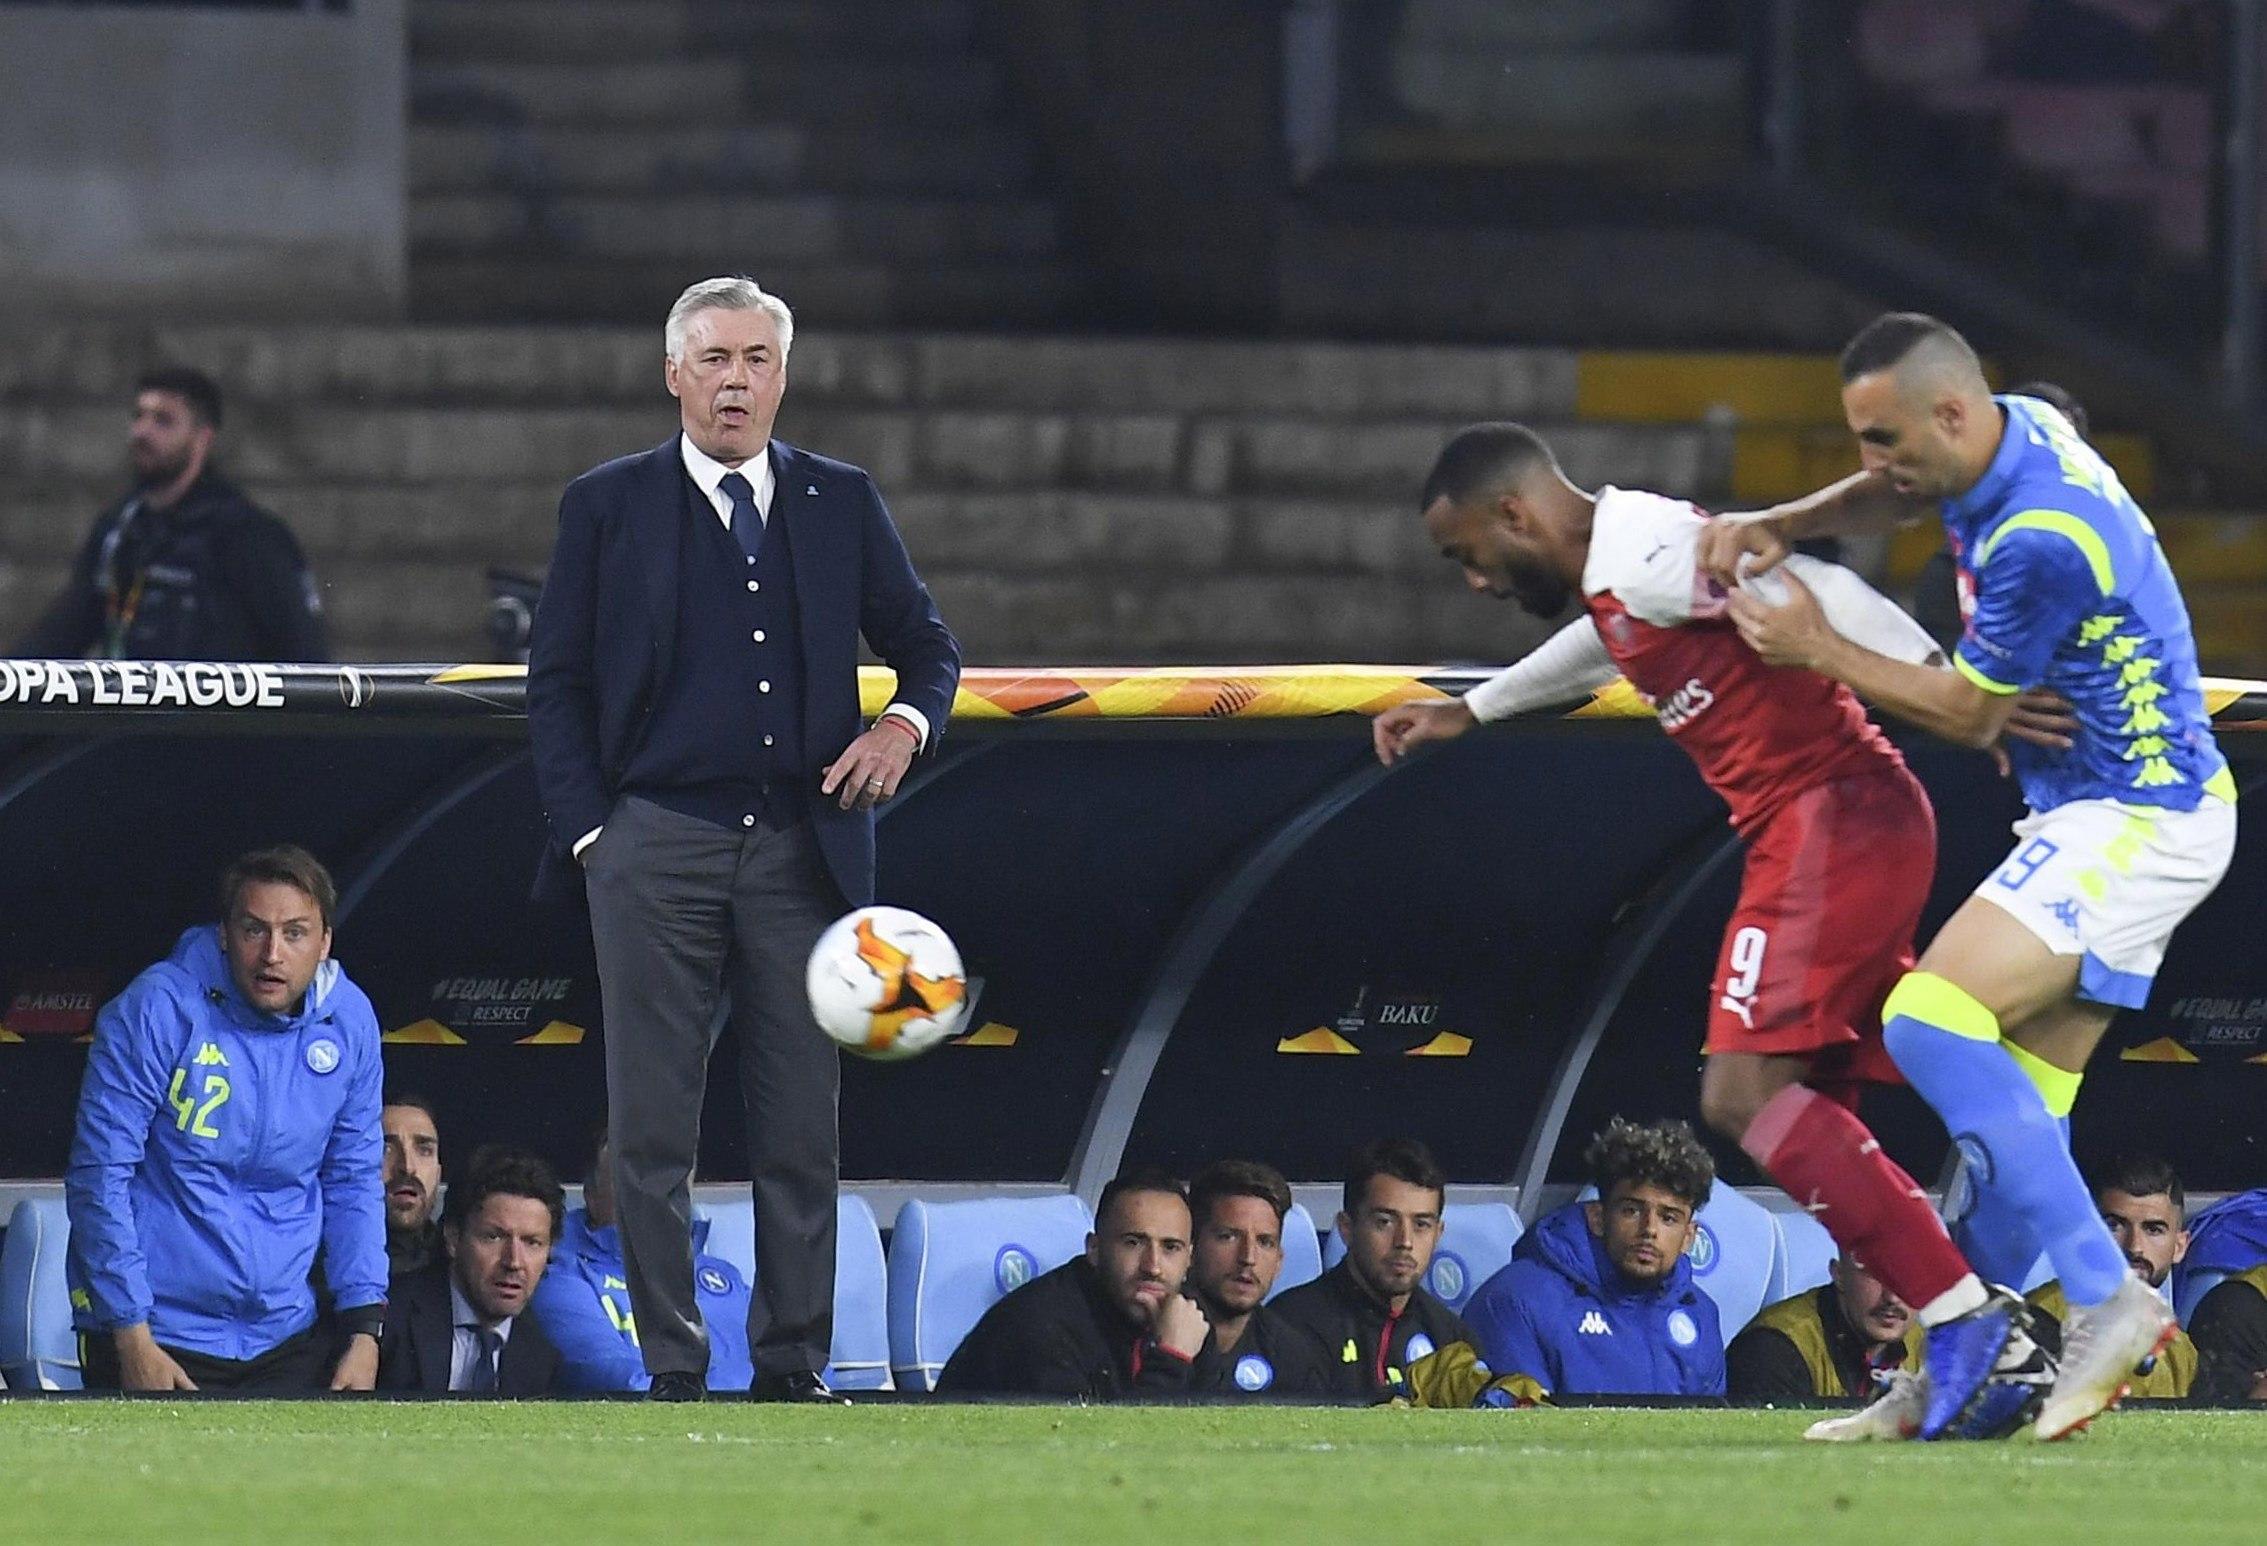 El técnico del Nápoli, Carlo Ancelotti, vivió de manera intensa  este jueves, los cuartos de final de la Liga Europea UEFA. (Foto Prensa Libre: EFE).